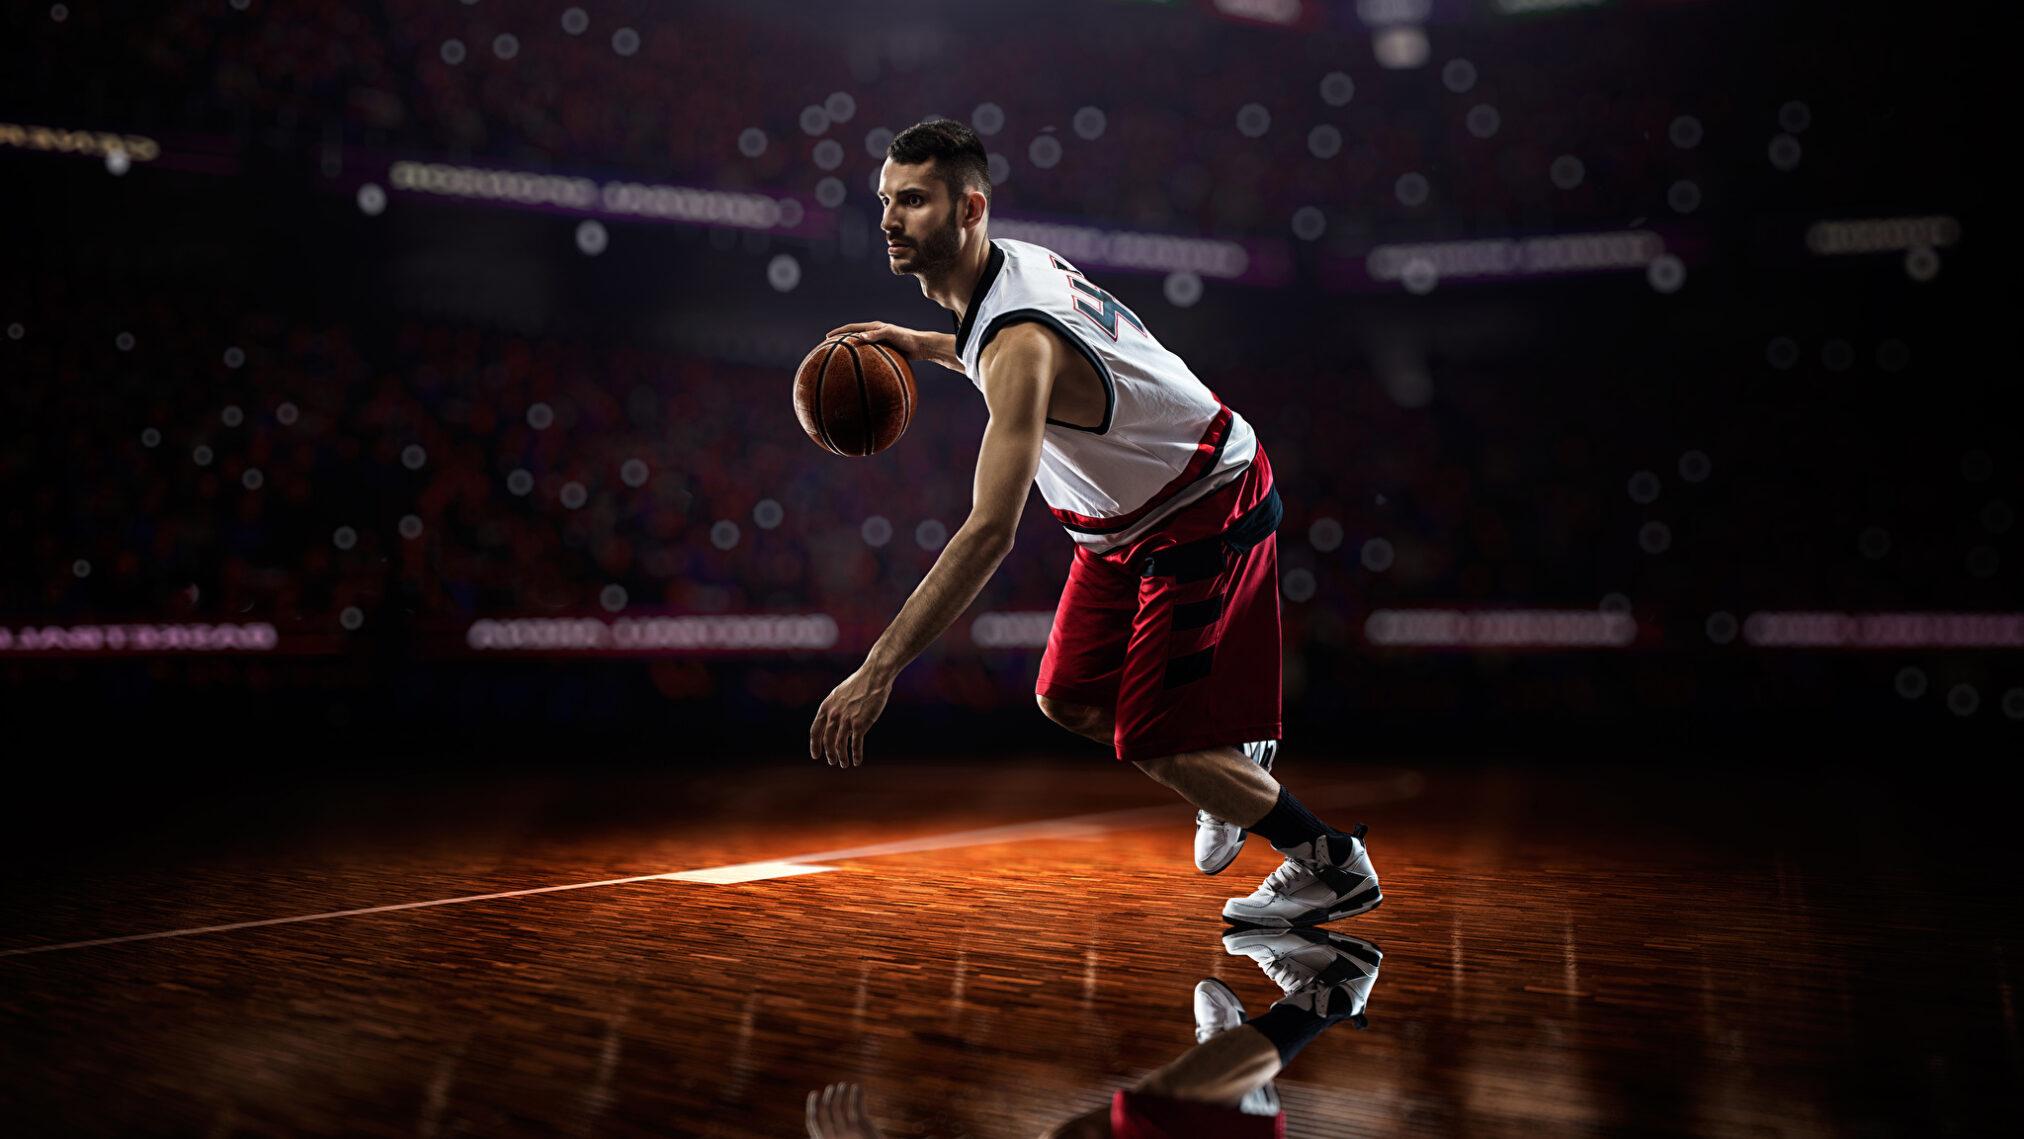 Баскетбол — очень динамичная игра